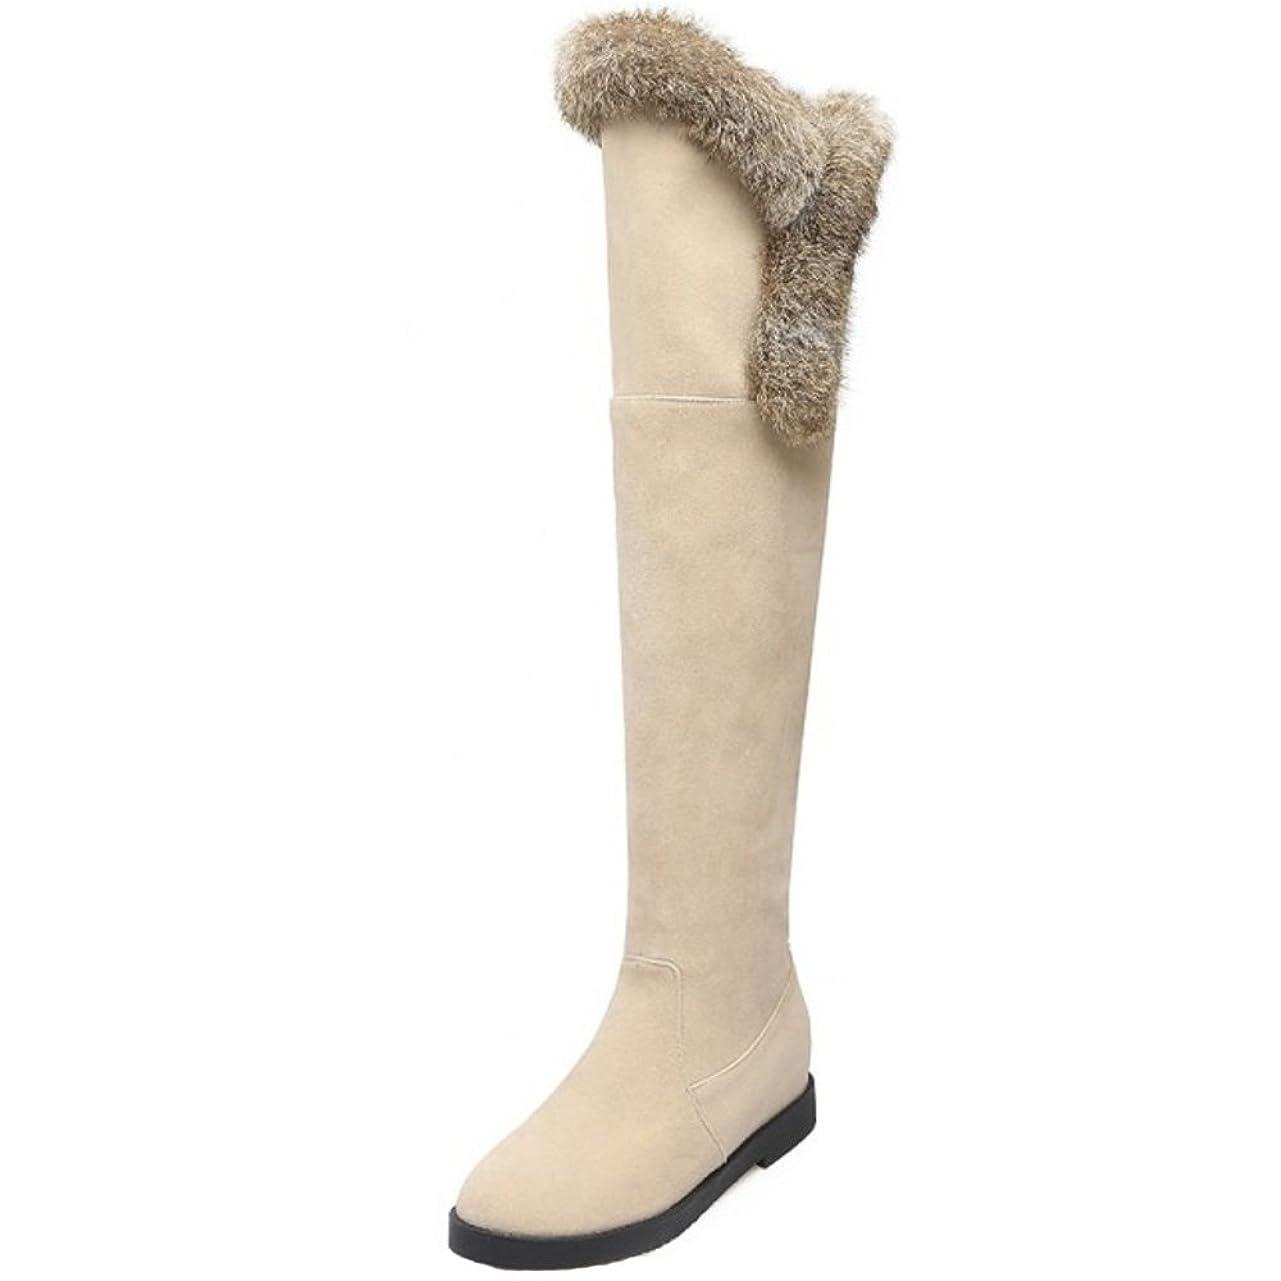 カプセル液体辞書[タオフェン] レディース コンフォート 防寒 ロング ブーツ 柔らかい ニーハイ ブーツ